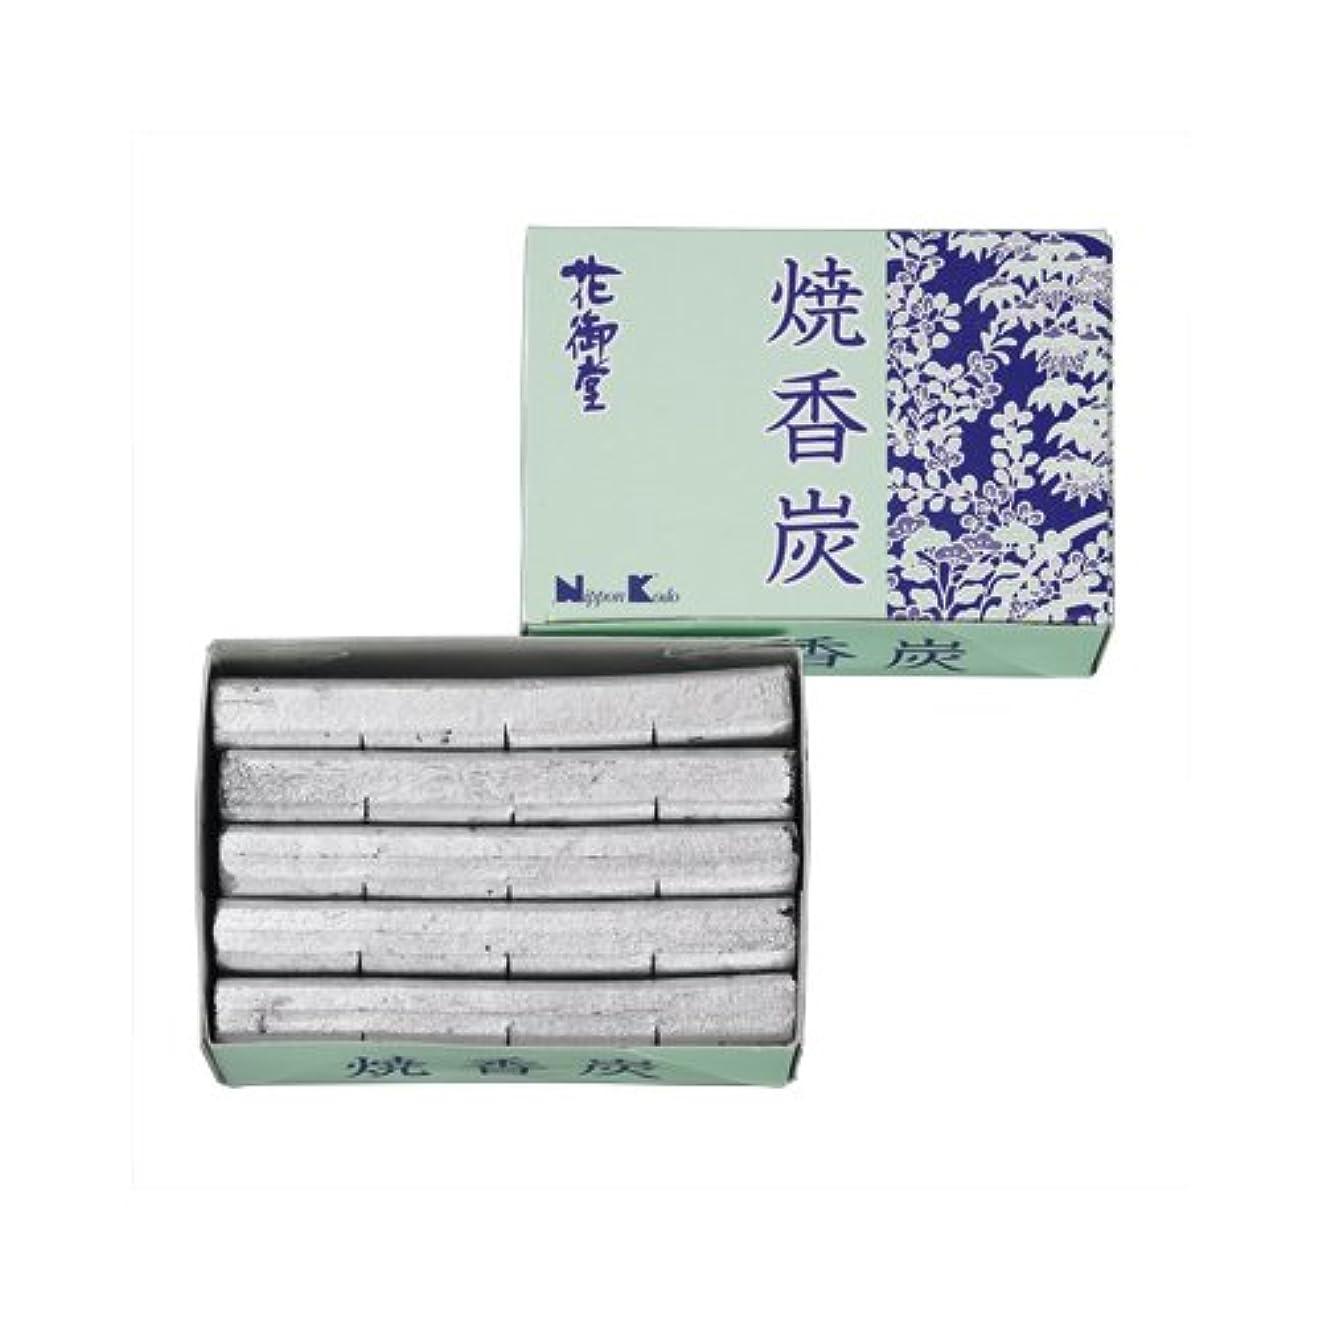 センサーメール買い物に行く花御堂 焼香炭 #92011